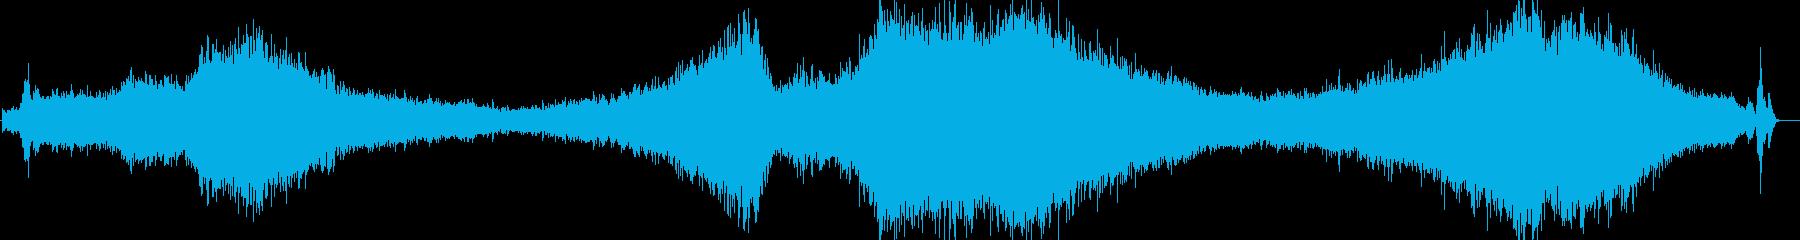 ファームスワーター/トラクター;フ...の再生済みの波形